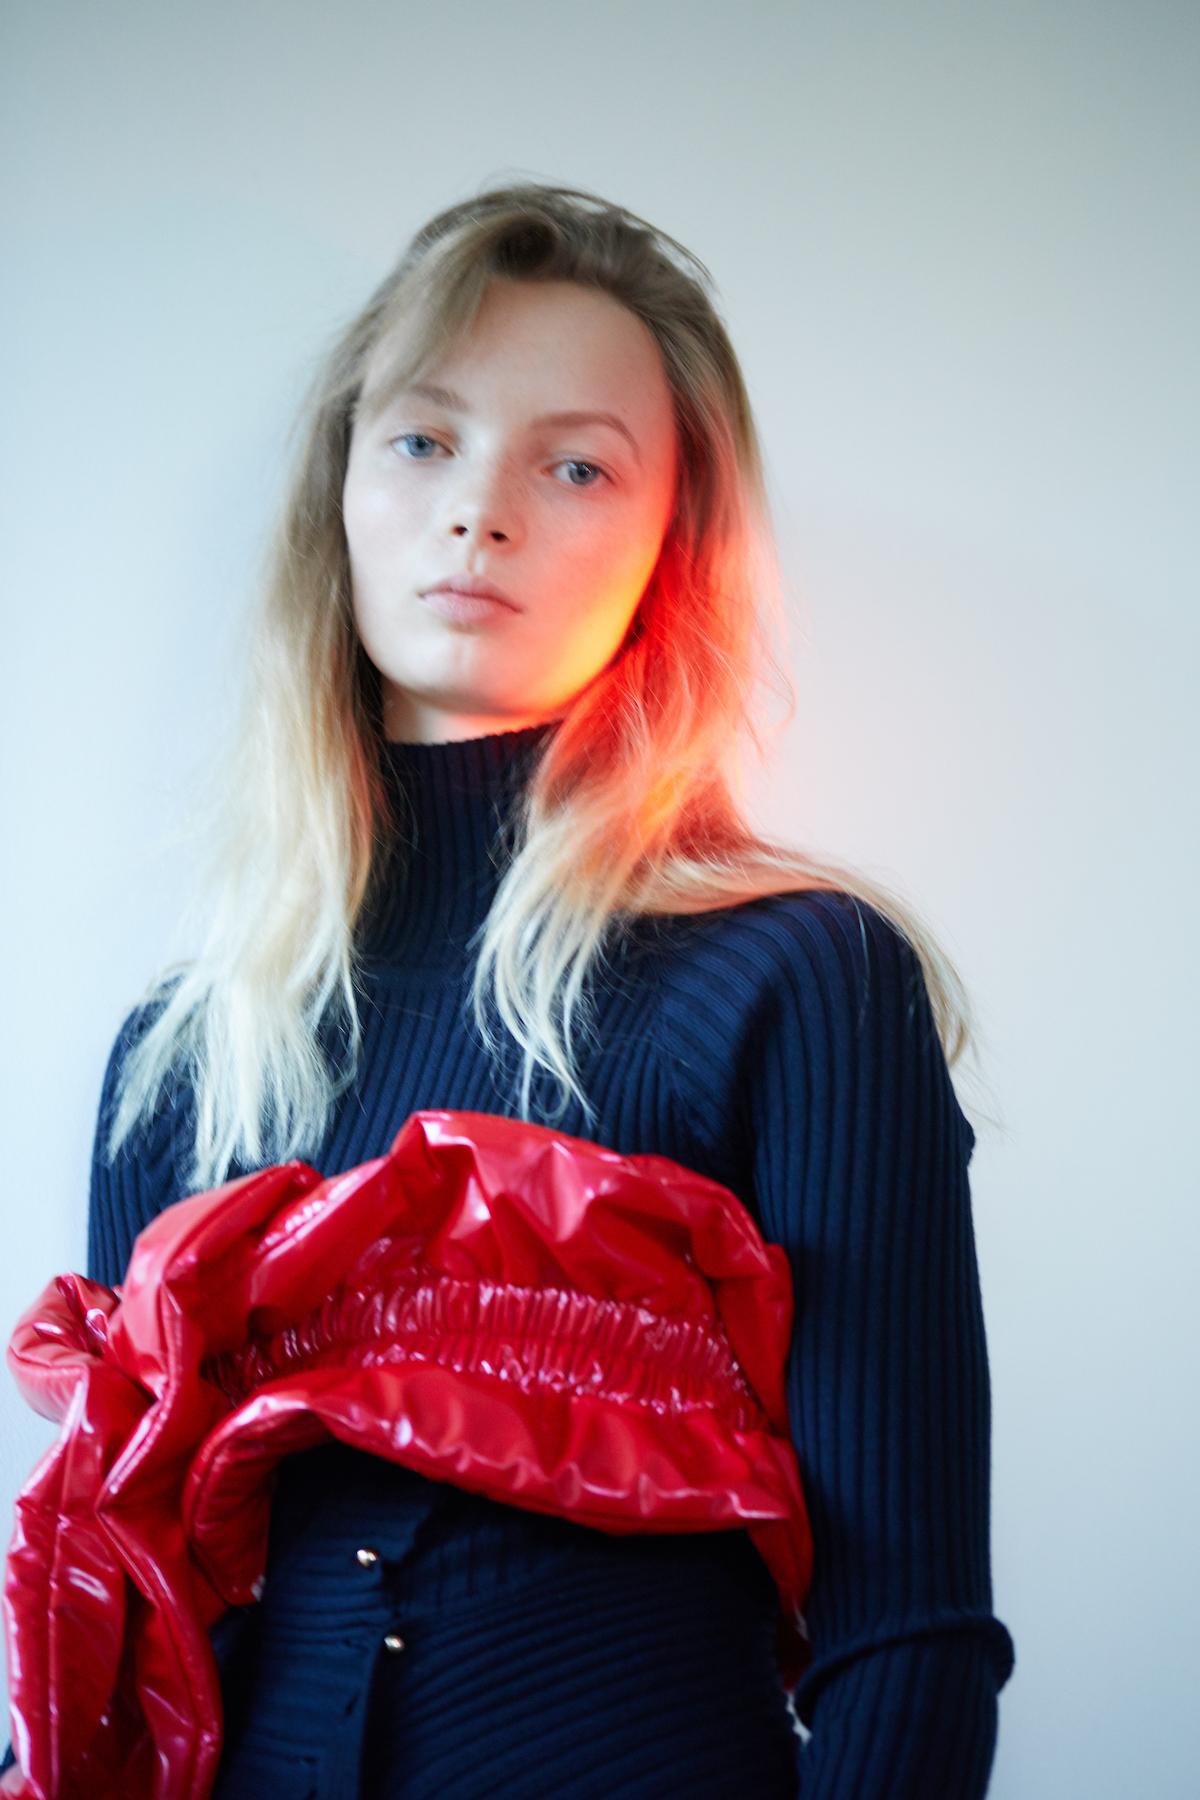 Teeth Magazine Online Natalie McKain Editorial Film Photography Fashion Wynn Hamlyn